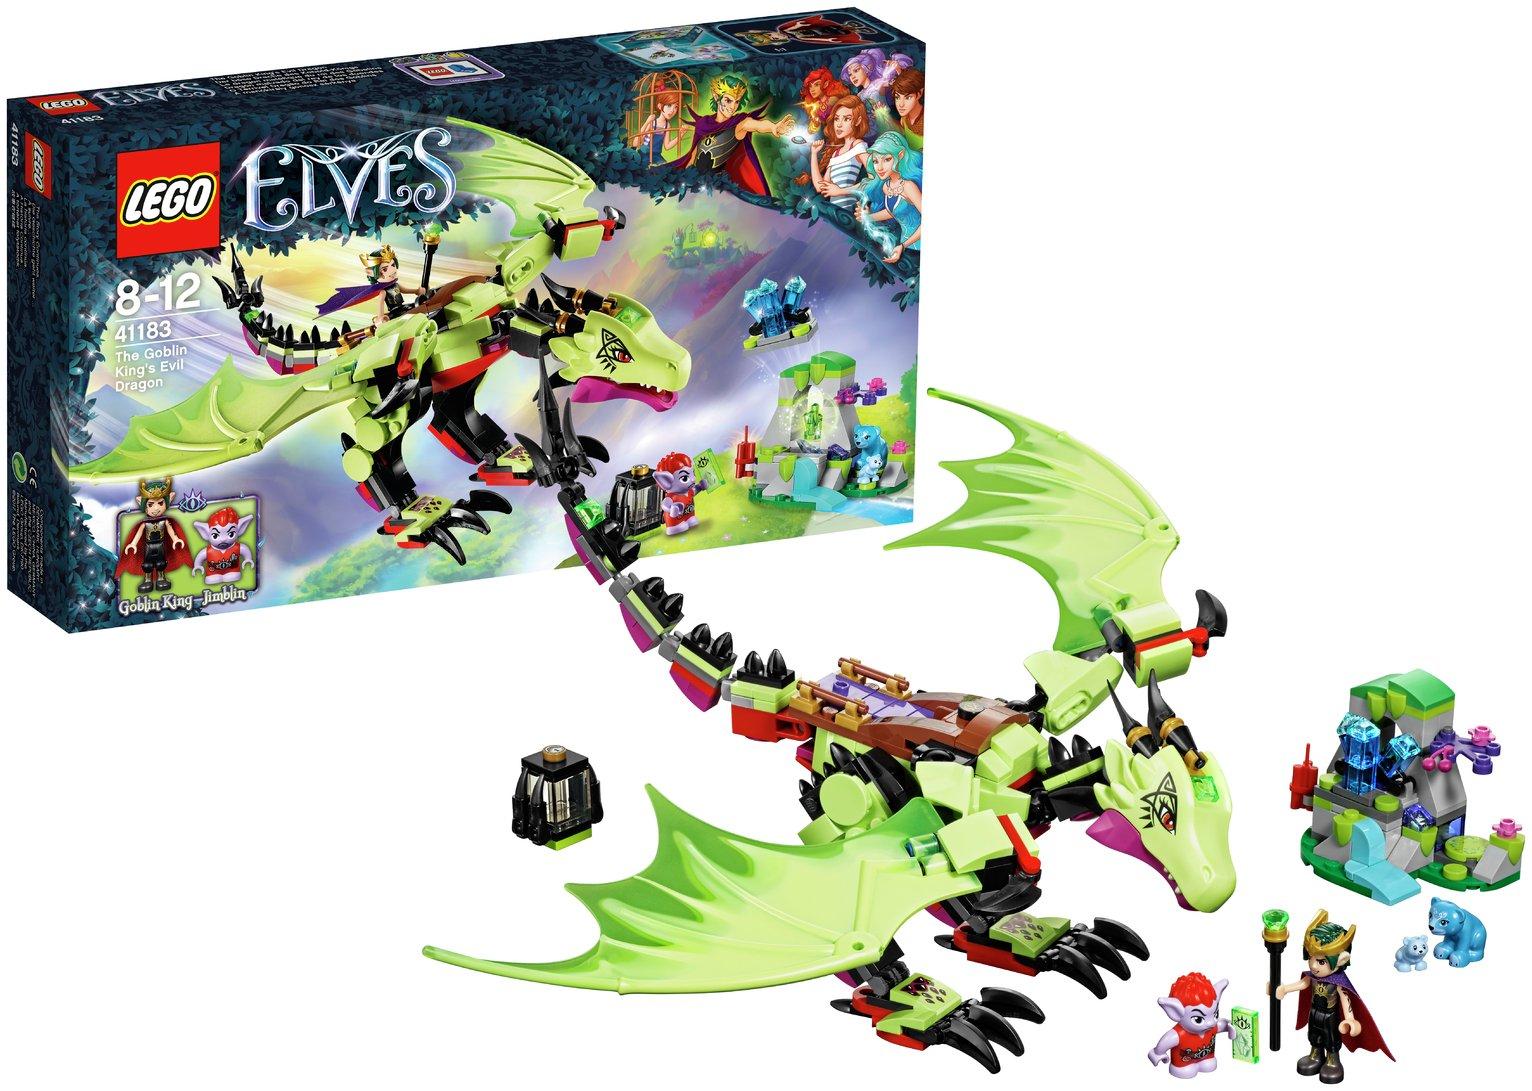 LEGO Elves The Goblin King's Evil Dragon - 41183